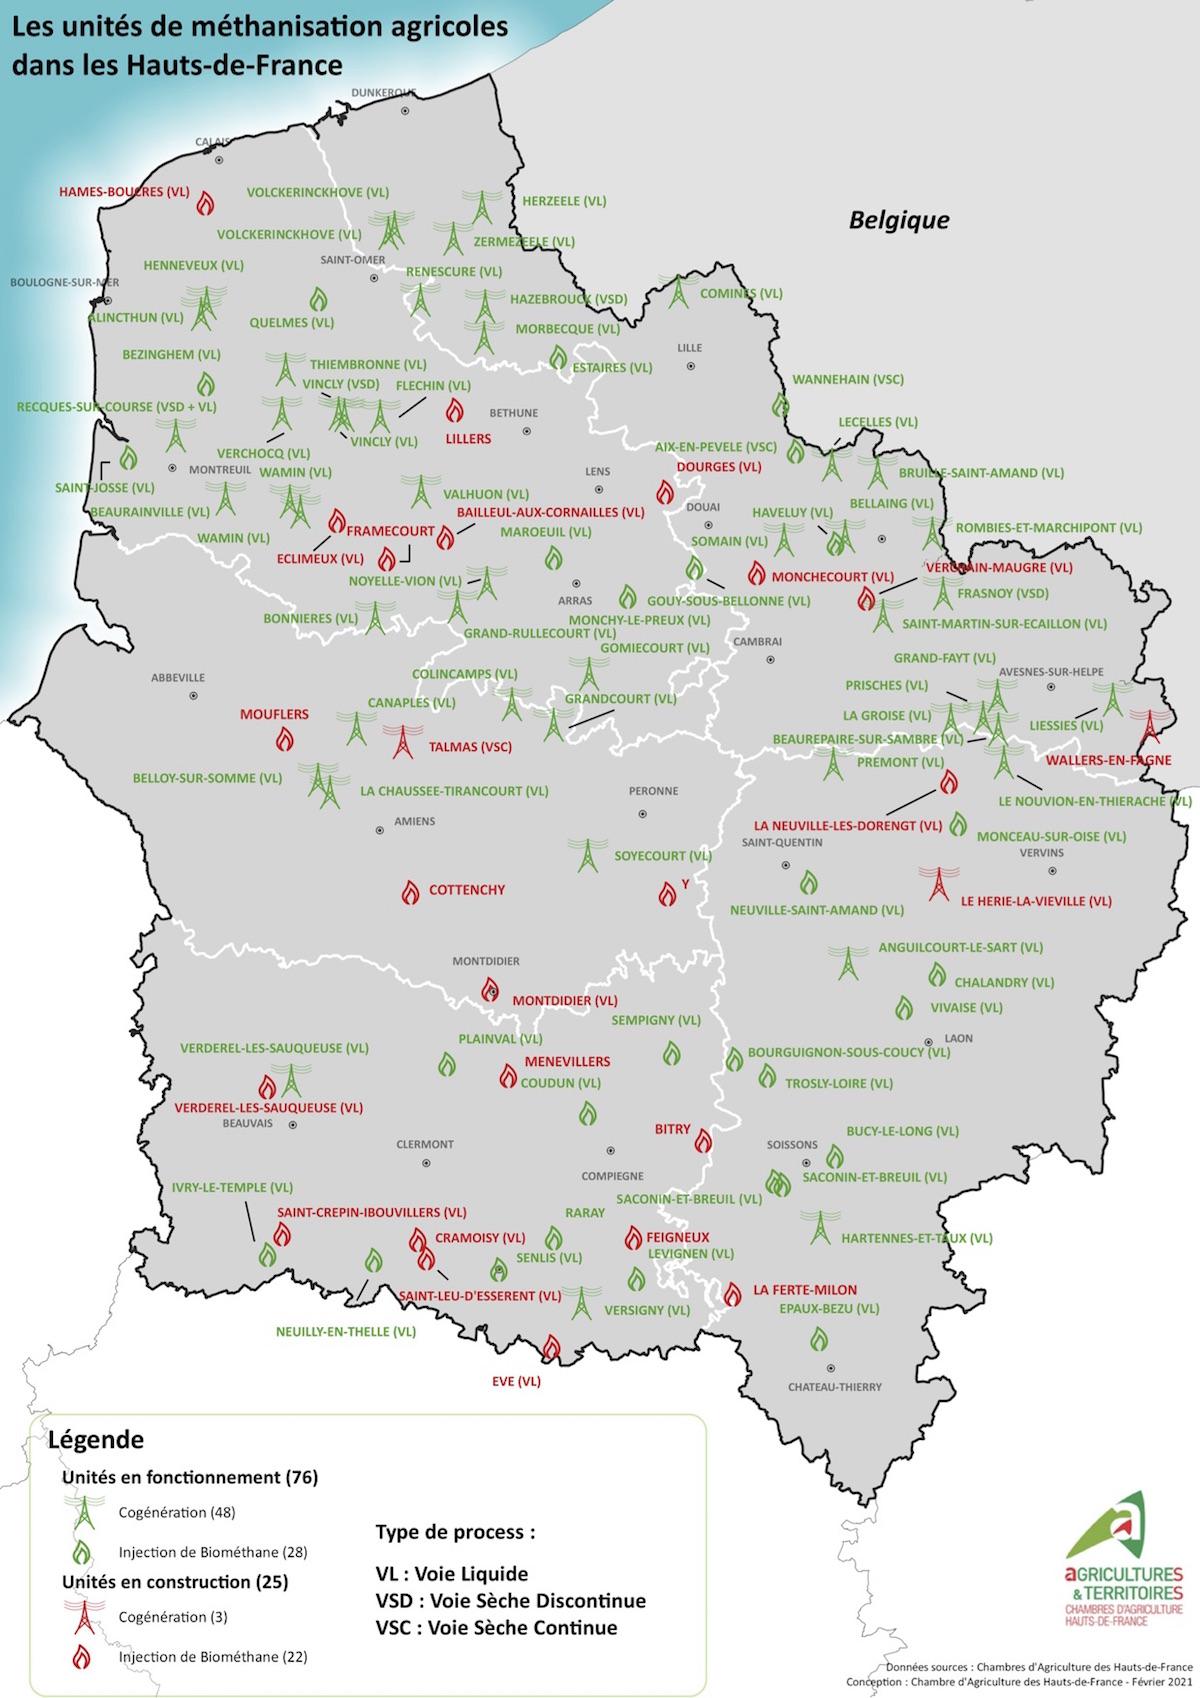 Dans les Hauts‐de‐France, presque tous les projets de méthanisation sont en biométhane